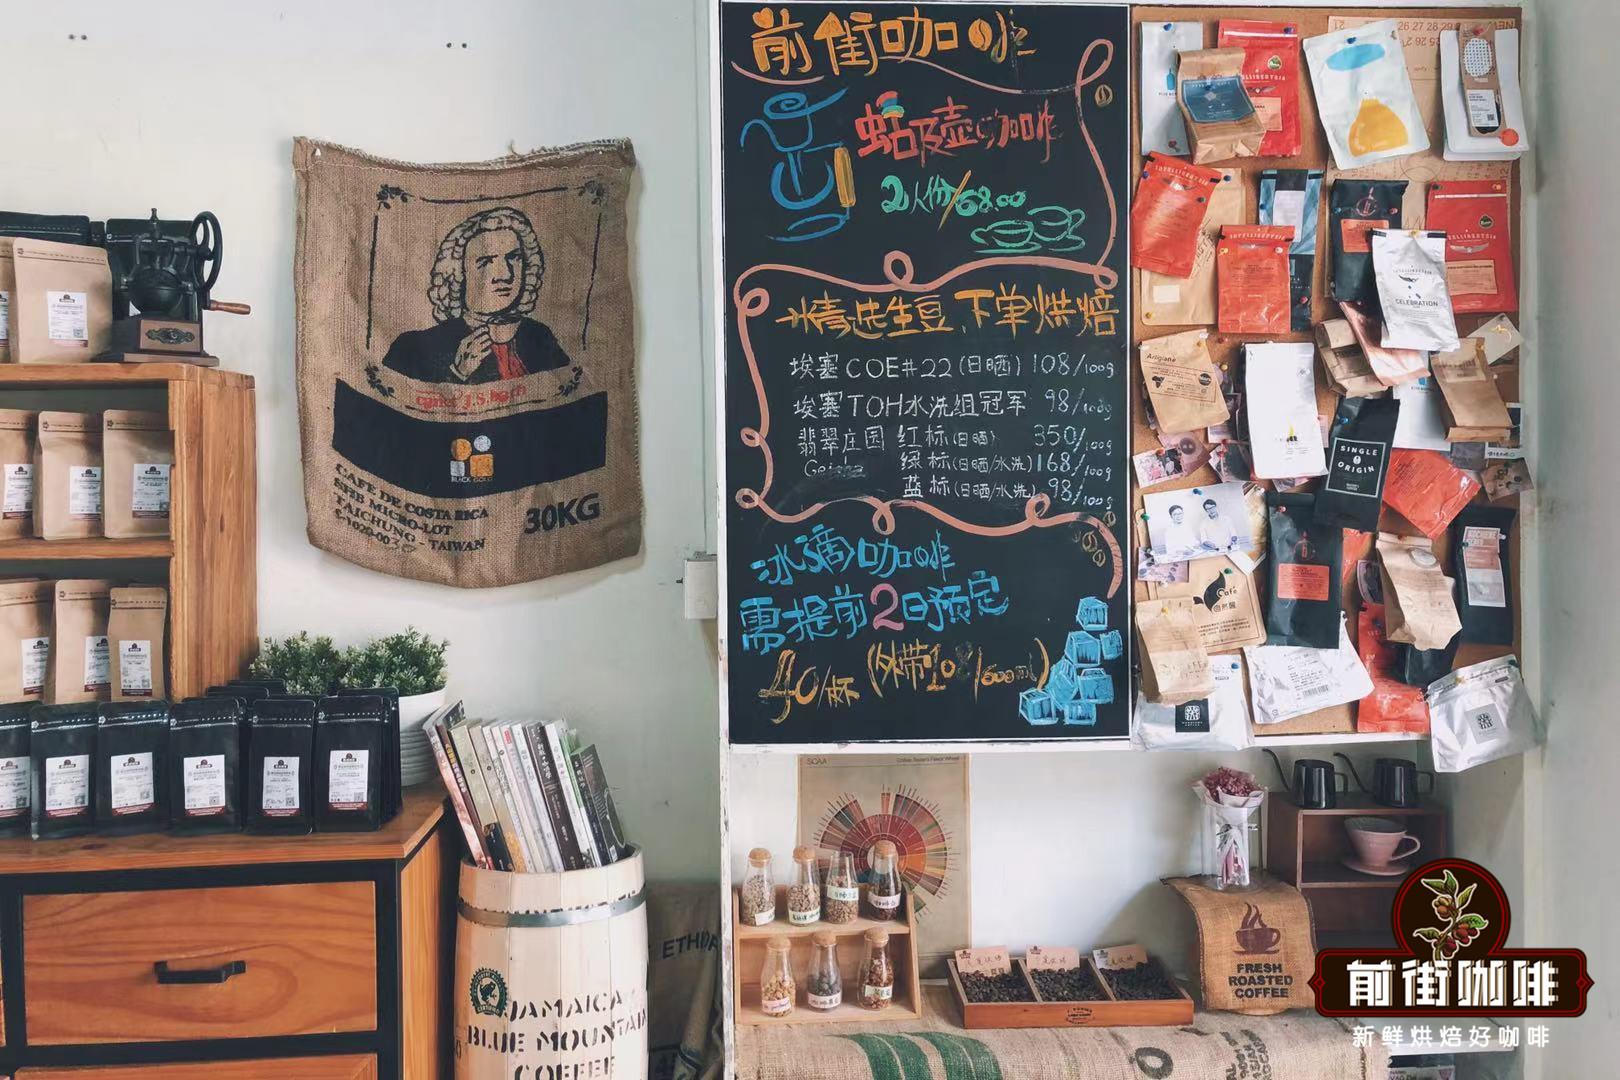 咖啡豆日晒处理法特点 日晒处理法晒多长时间 咖啡日晒法流程